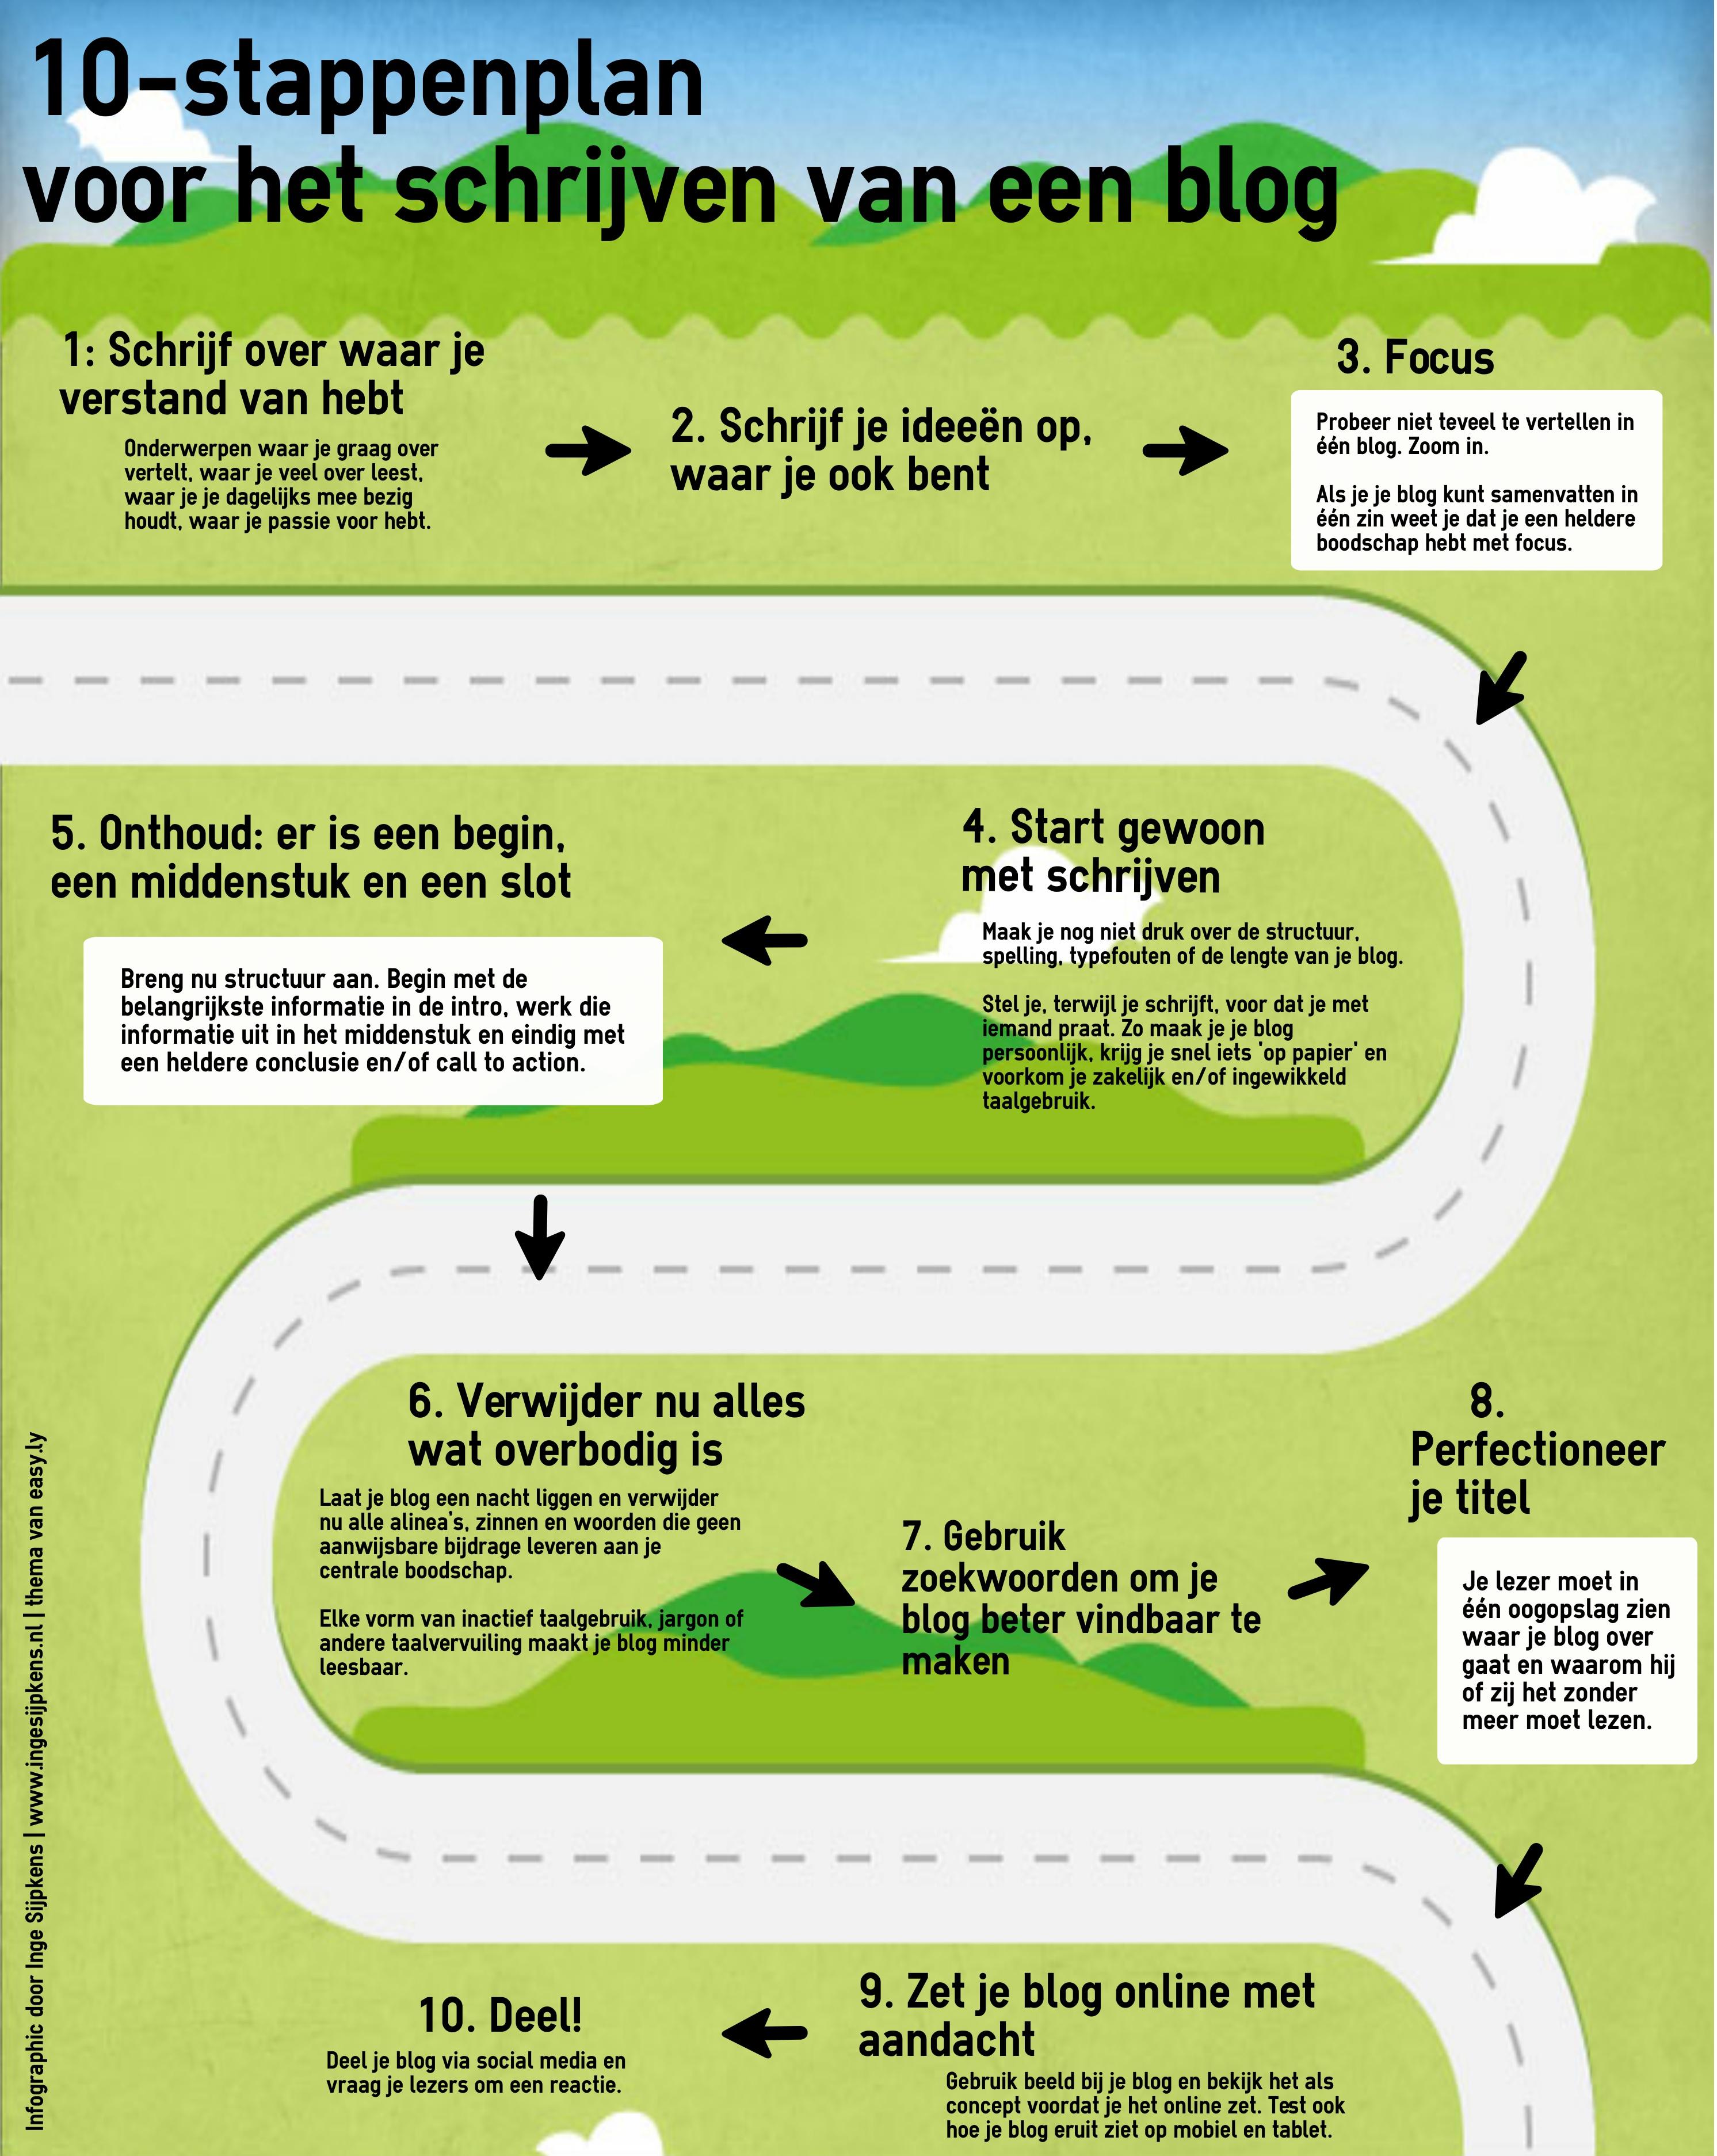 10 stappenplan voor het schrijven van een blog (infographic)